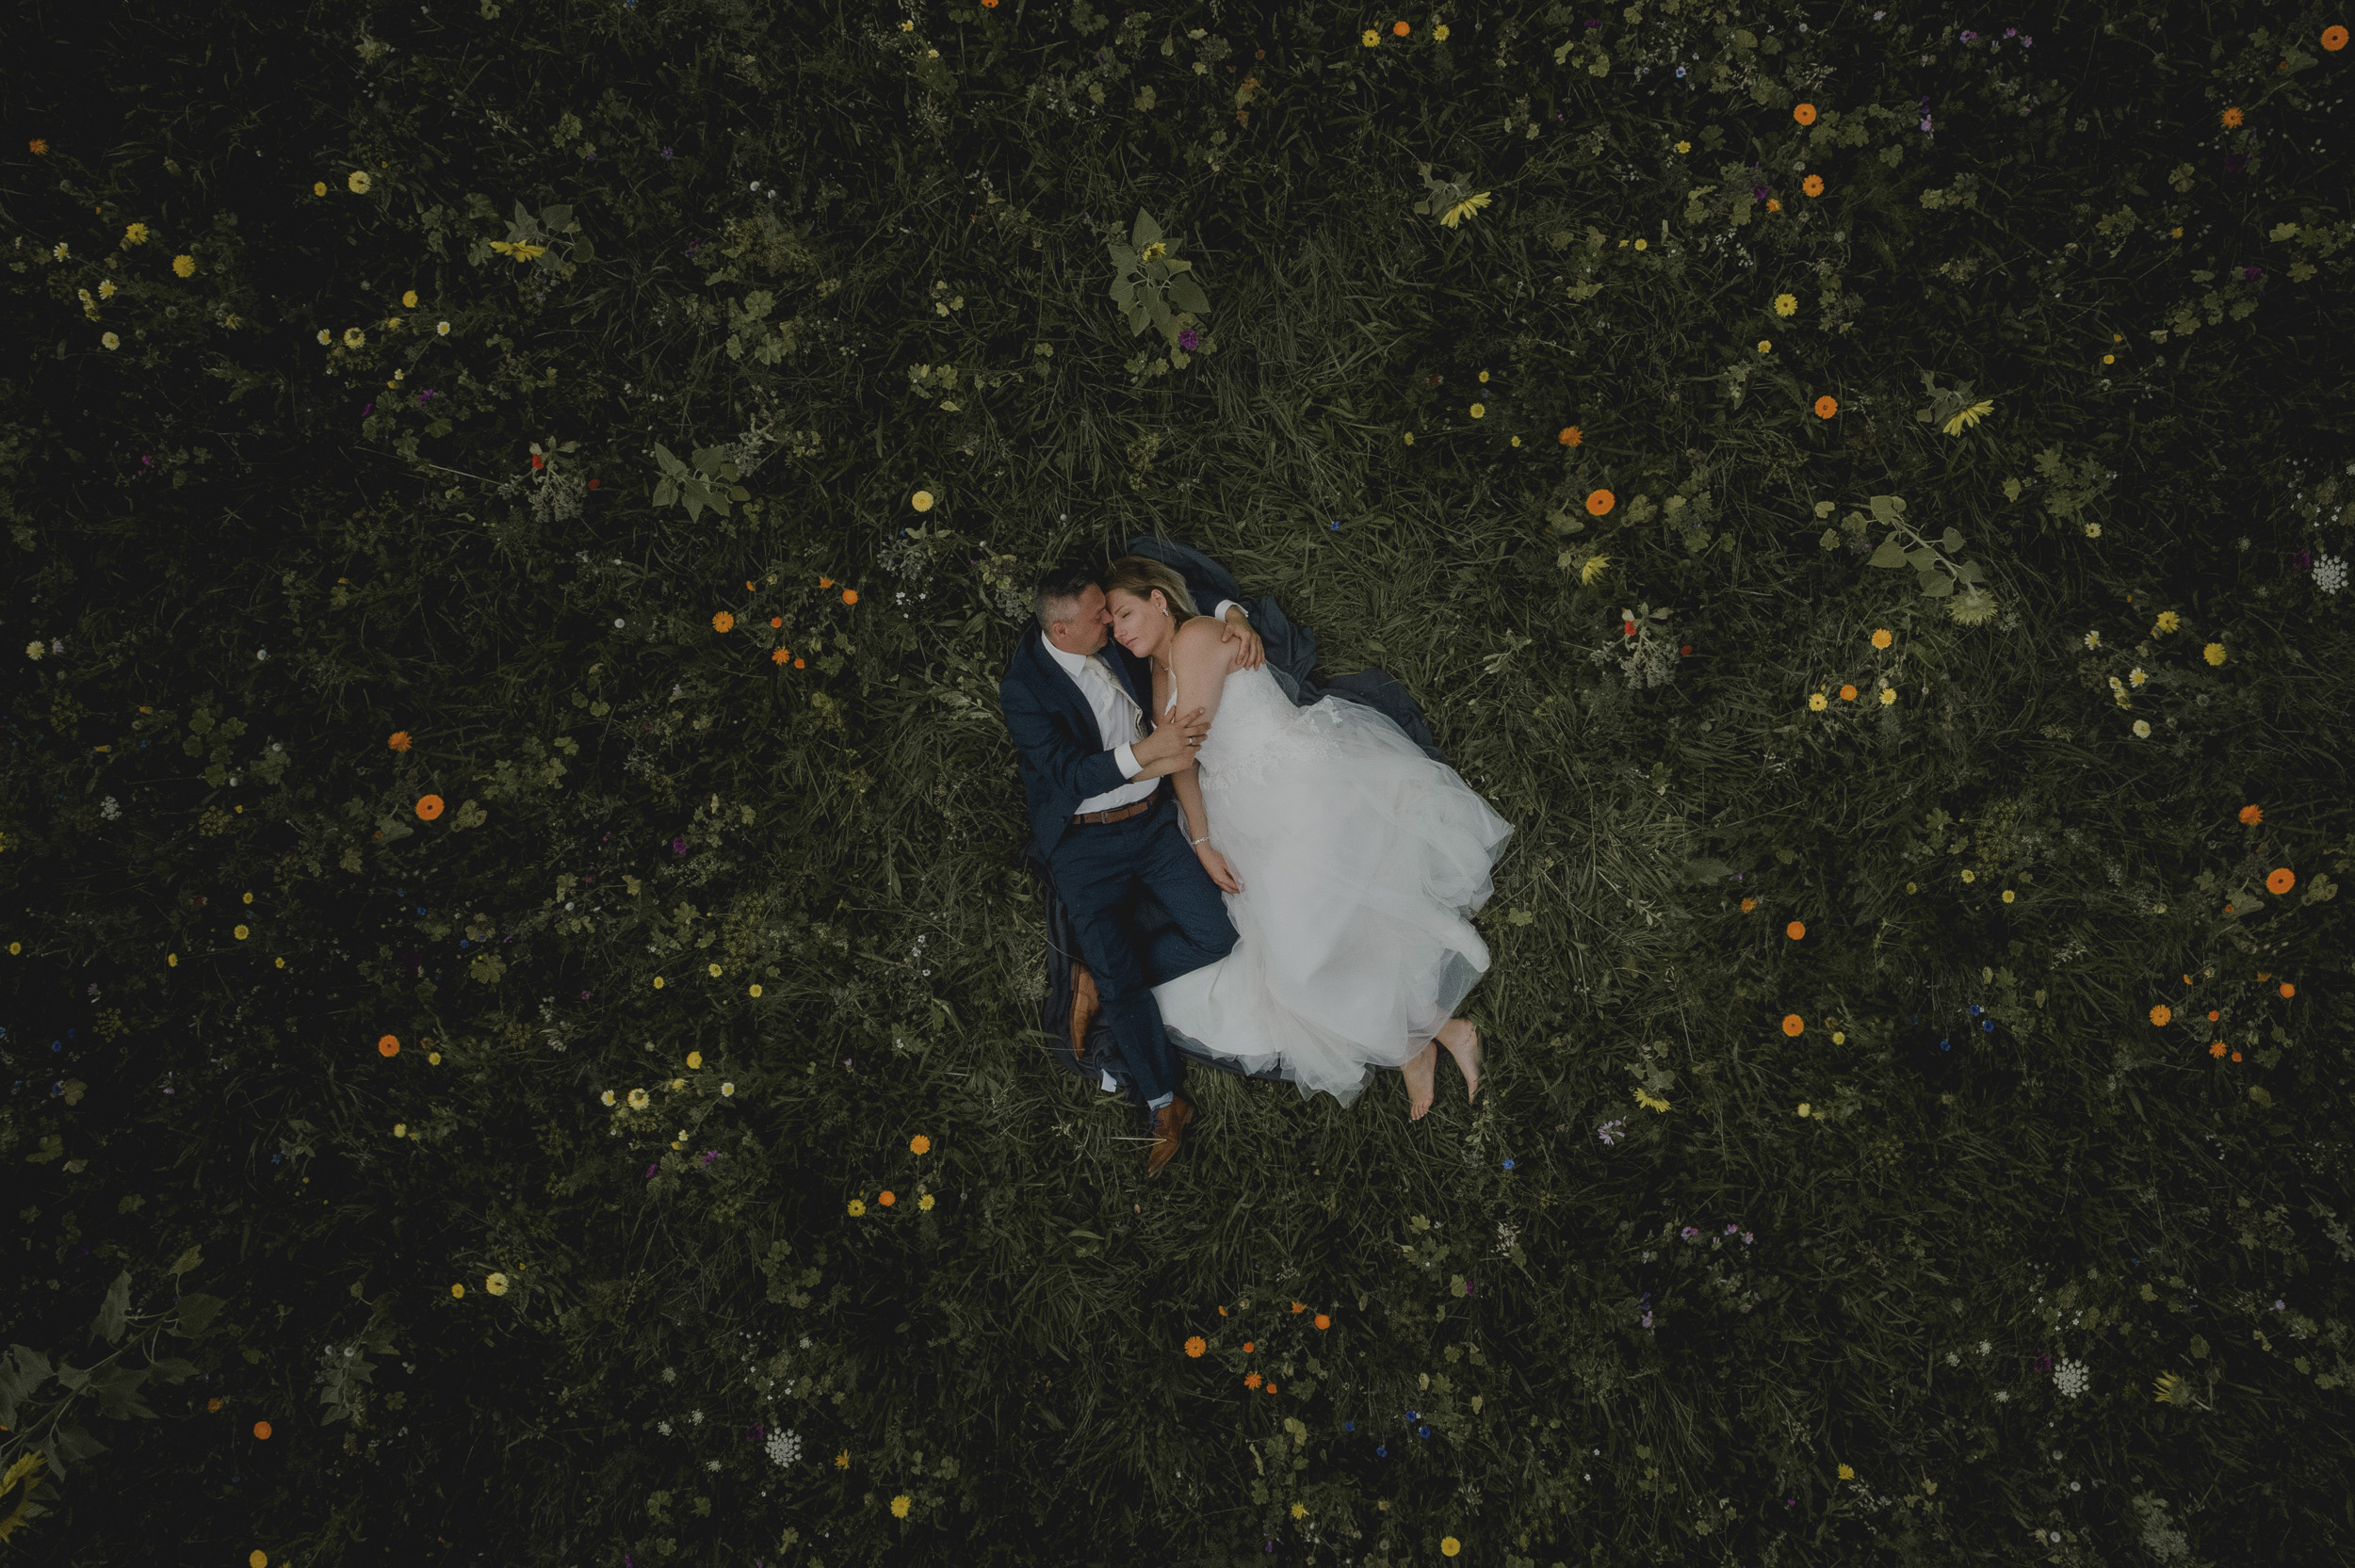 Hochzeitsfotograf Leipzig - Brautpaar liegend auf einer Blumenwiese